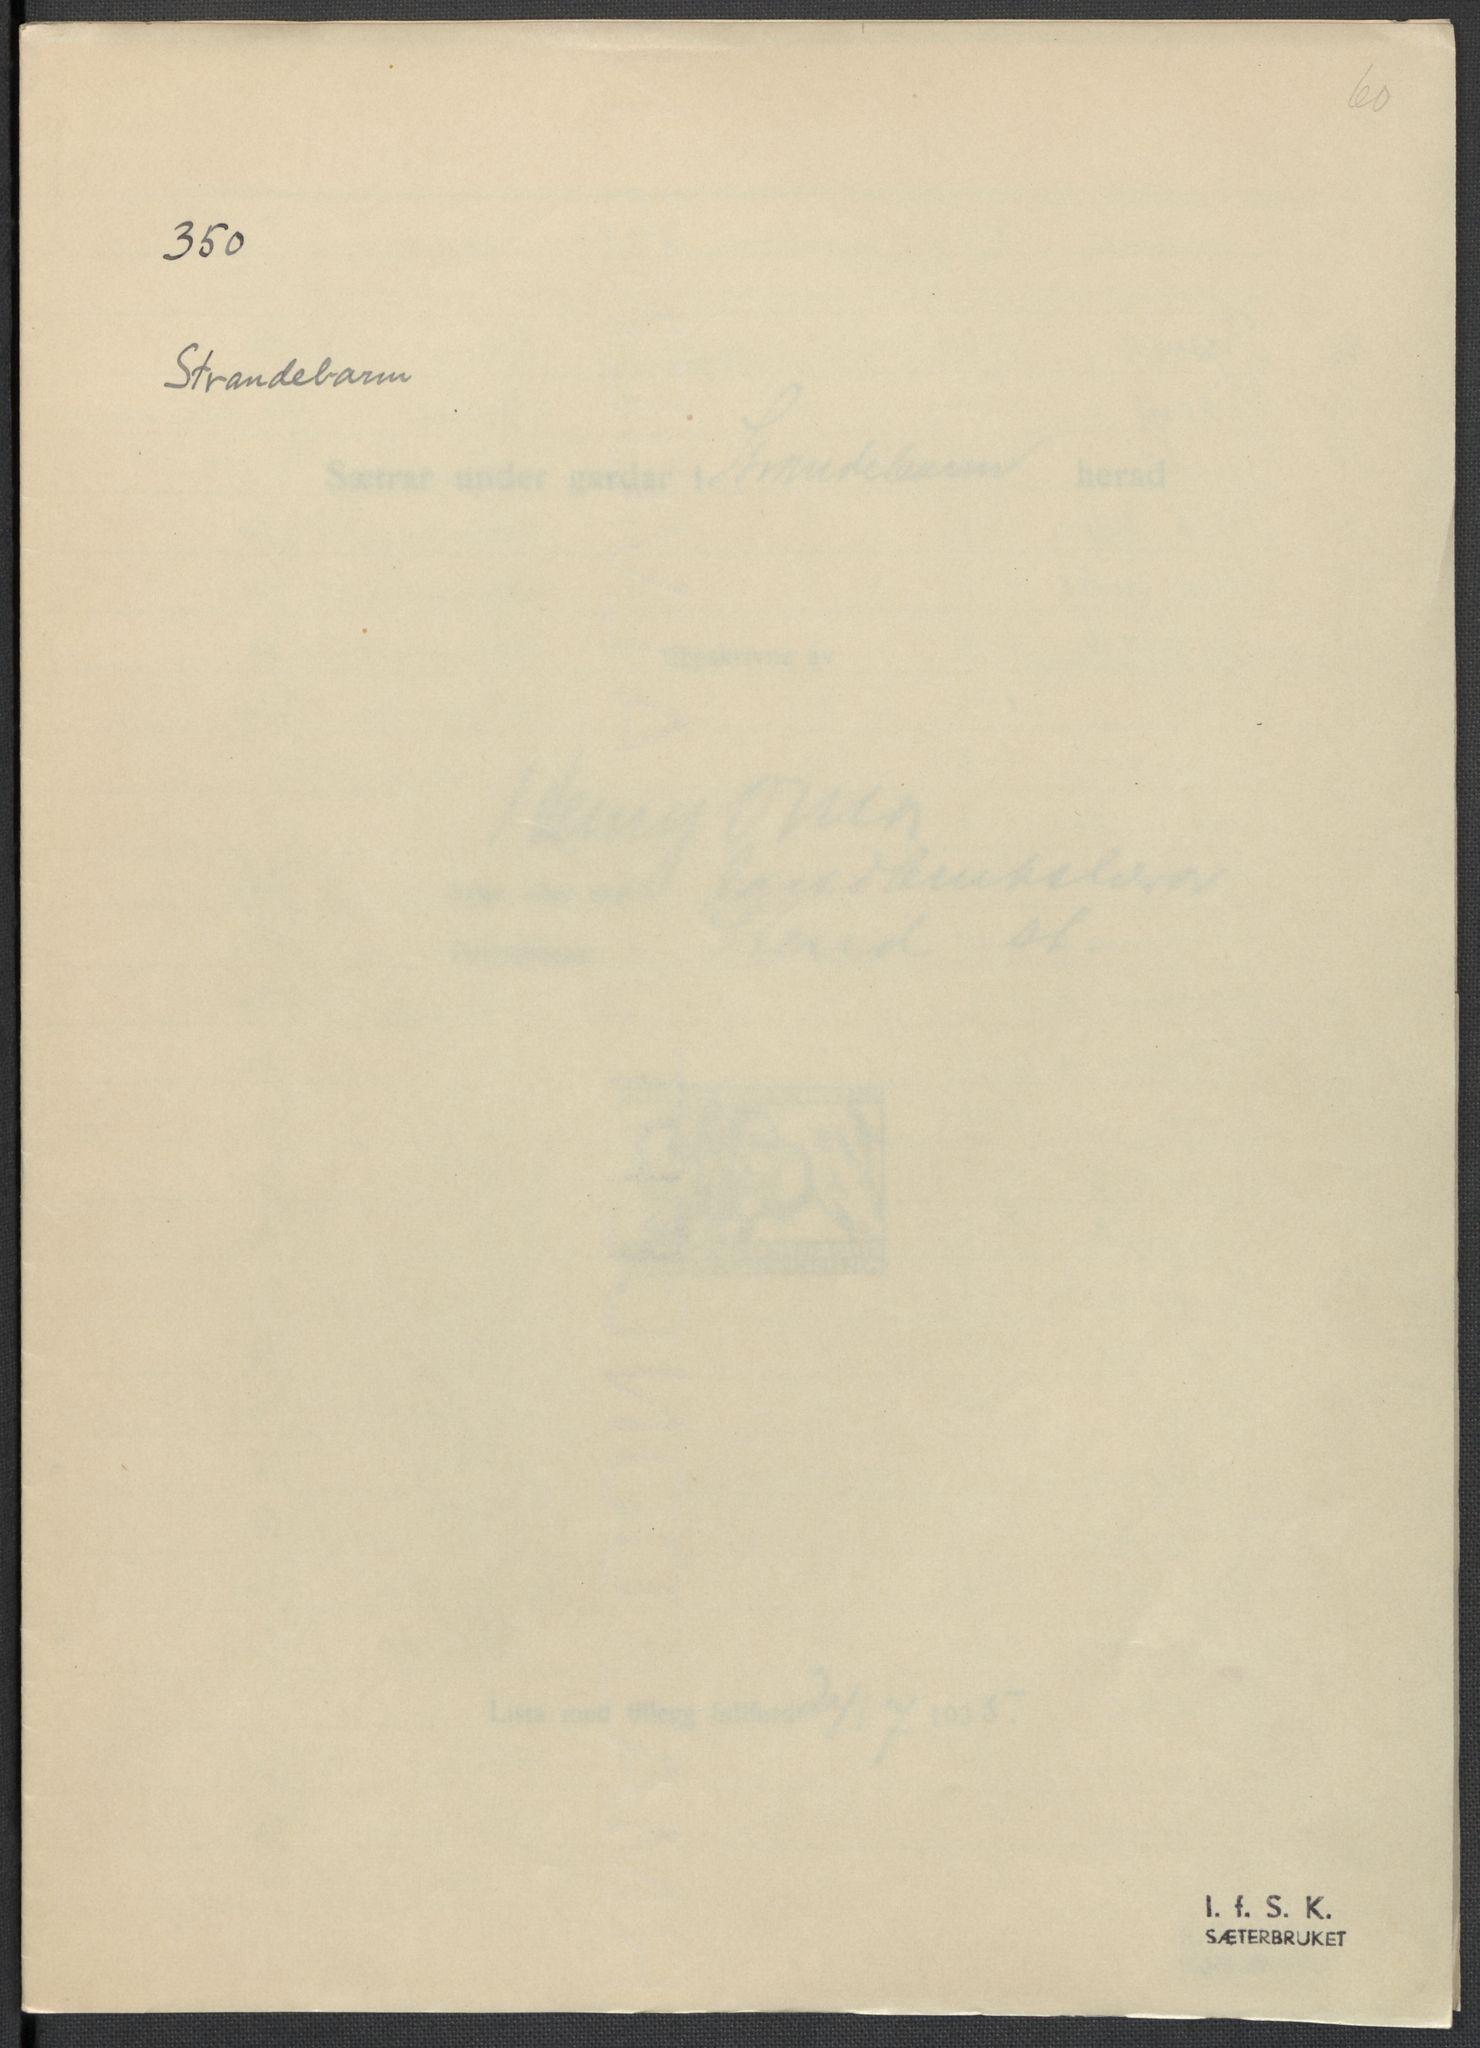 RA, Instituttet for sammenlignende kulturforskning, F/Fc/L0010: Eske B10:, 1932-1935, s. 60